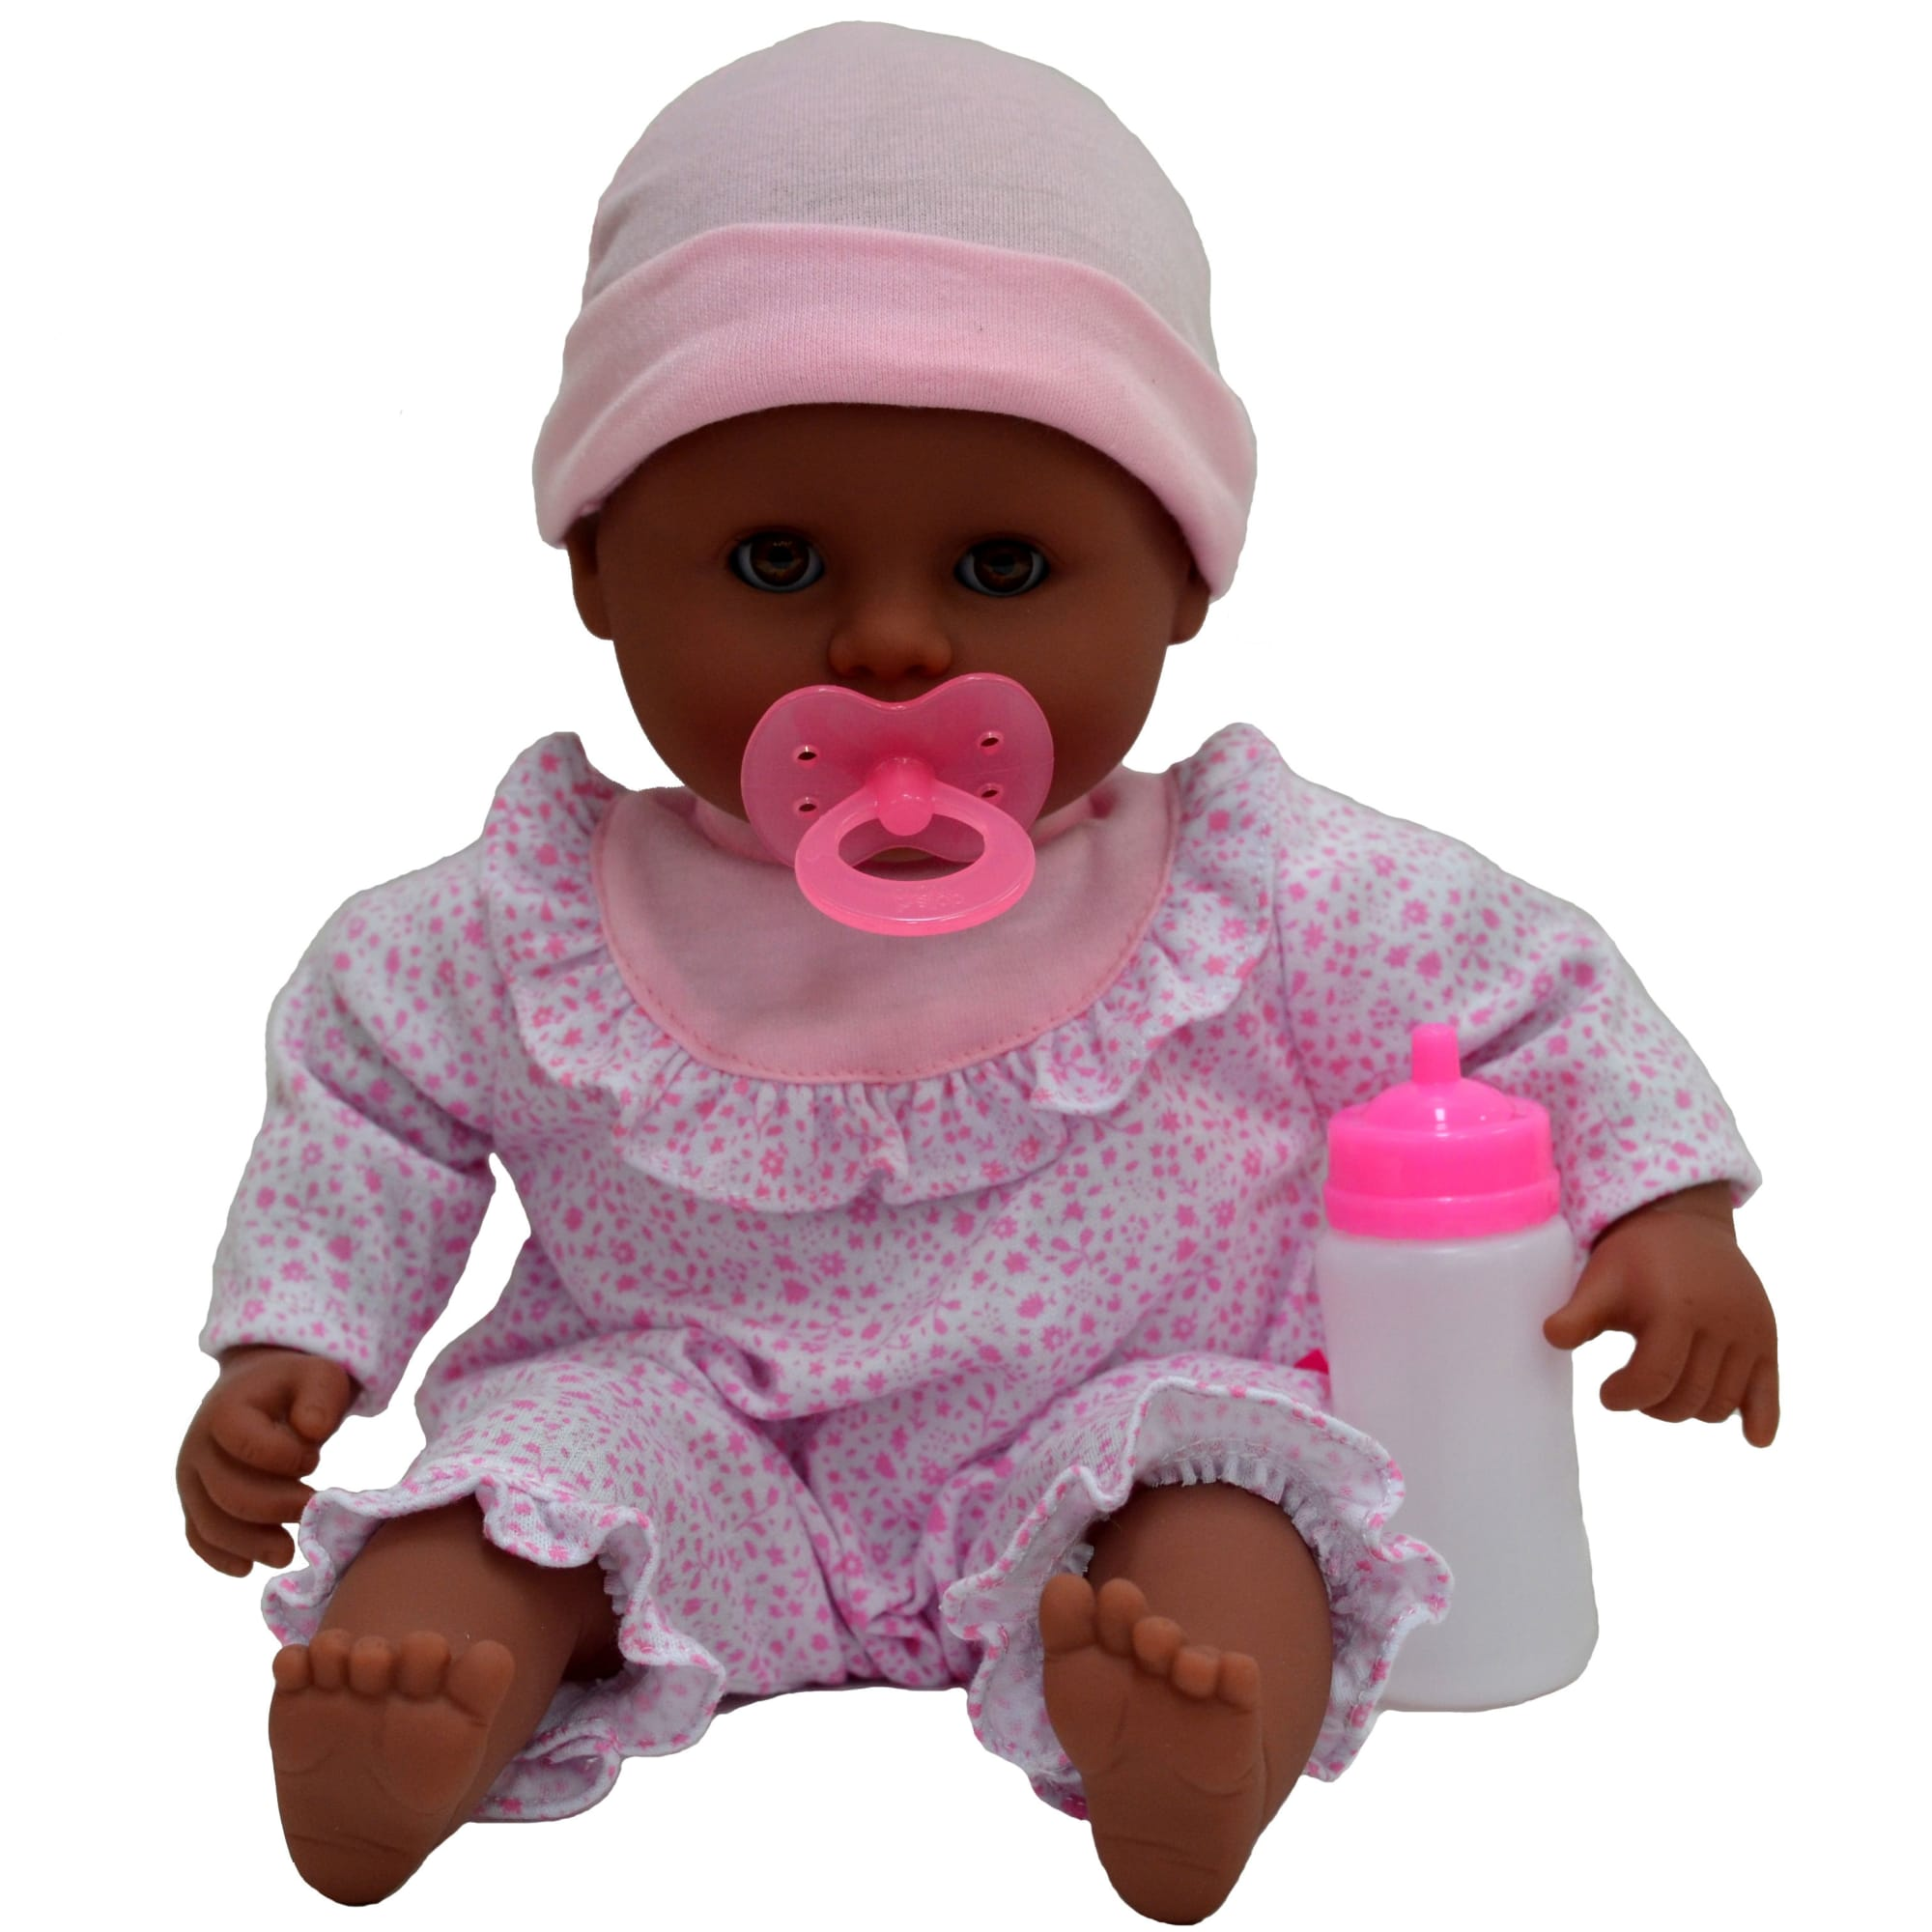 H 38 cm - Dukke med blød krop - Inkl. sutteflaske og sut